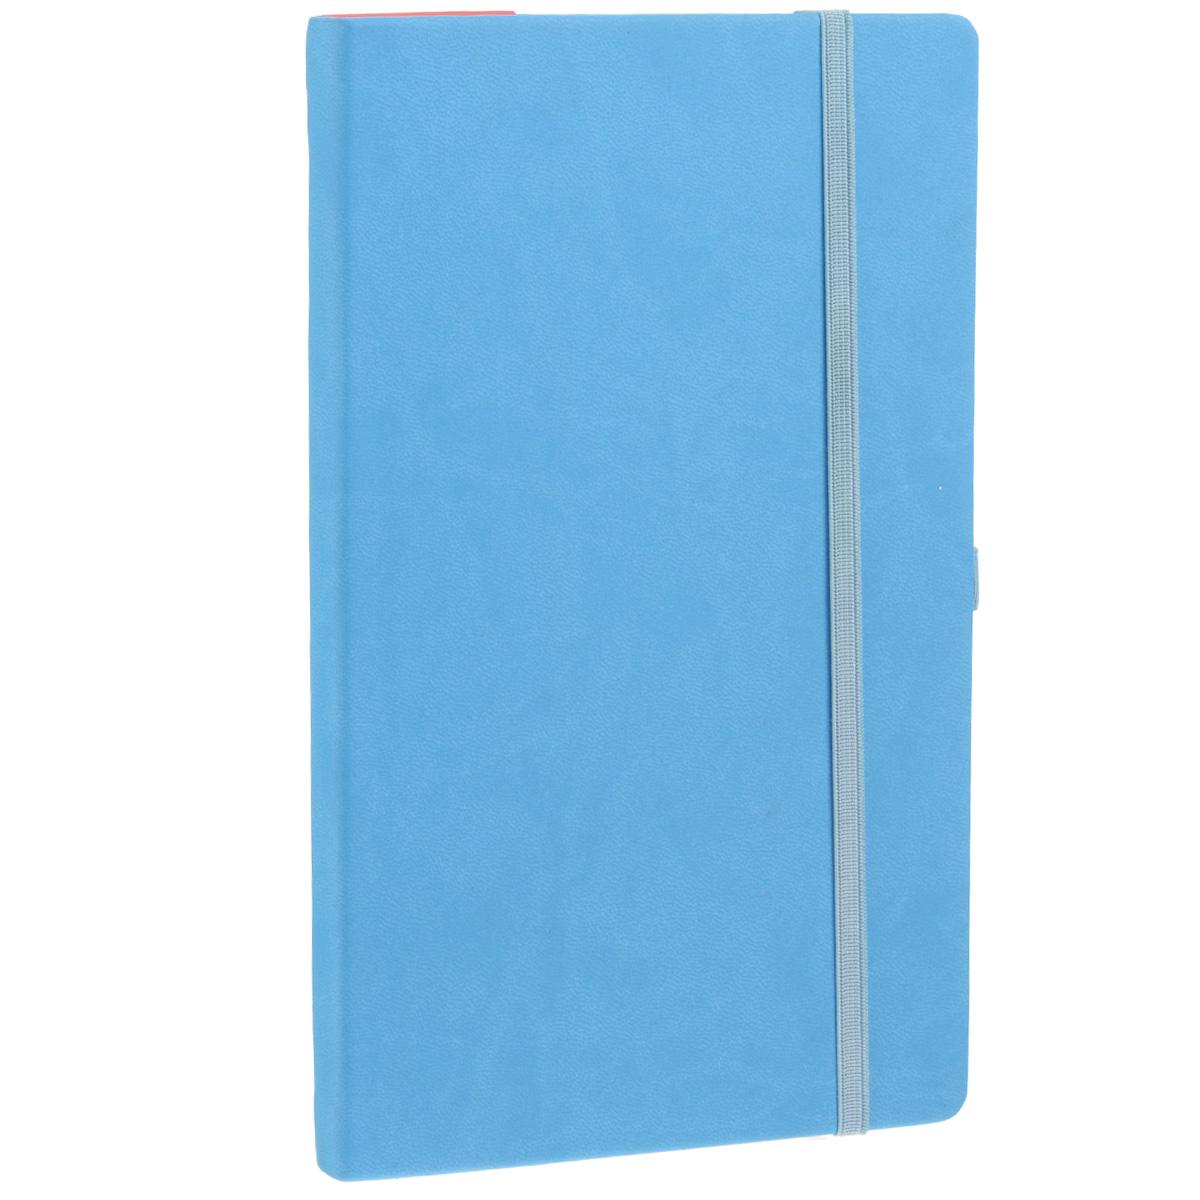 Записная книжка Erich Krause Festival, цвет: голубой, 96 листов36756Записная книжка Erich Krause Festival - это дополнительный штрих к вашему имиджу. Демократичная в своем содержании, книжка может быть использована не только для личных пометок и записей, но и как недатированный ежедневник. Надежная твердая обложка из плотного приятного на ощупь картона сохранит ее в аккуратном состоянии на протяжении всего времени использования. Плотная в линейку бумага белого цвета, закладка-ляссе, практичные скругленные углы, эластичная петелька для ручки и внутренний бумажный карман на задней обложке - все это обеспечит вам истинное удовольствие от письма. В начале книжки имеется страничка для заполнения личных данных владельца, четыре страницы для заполнения адресов, телефонов и интернет-почты и четыре страницы для заполнения сайтов и ссылок. Благодаря небольшому формату книжку легко взять с собой. Записная книжка плотно закрывается при помощи фиксирующей резинки.